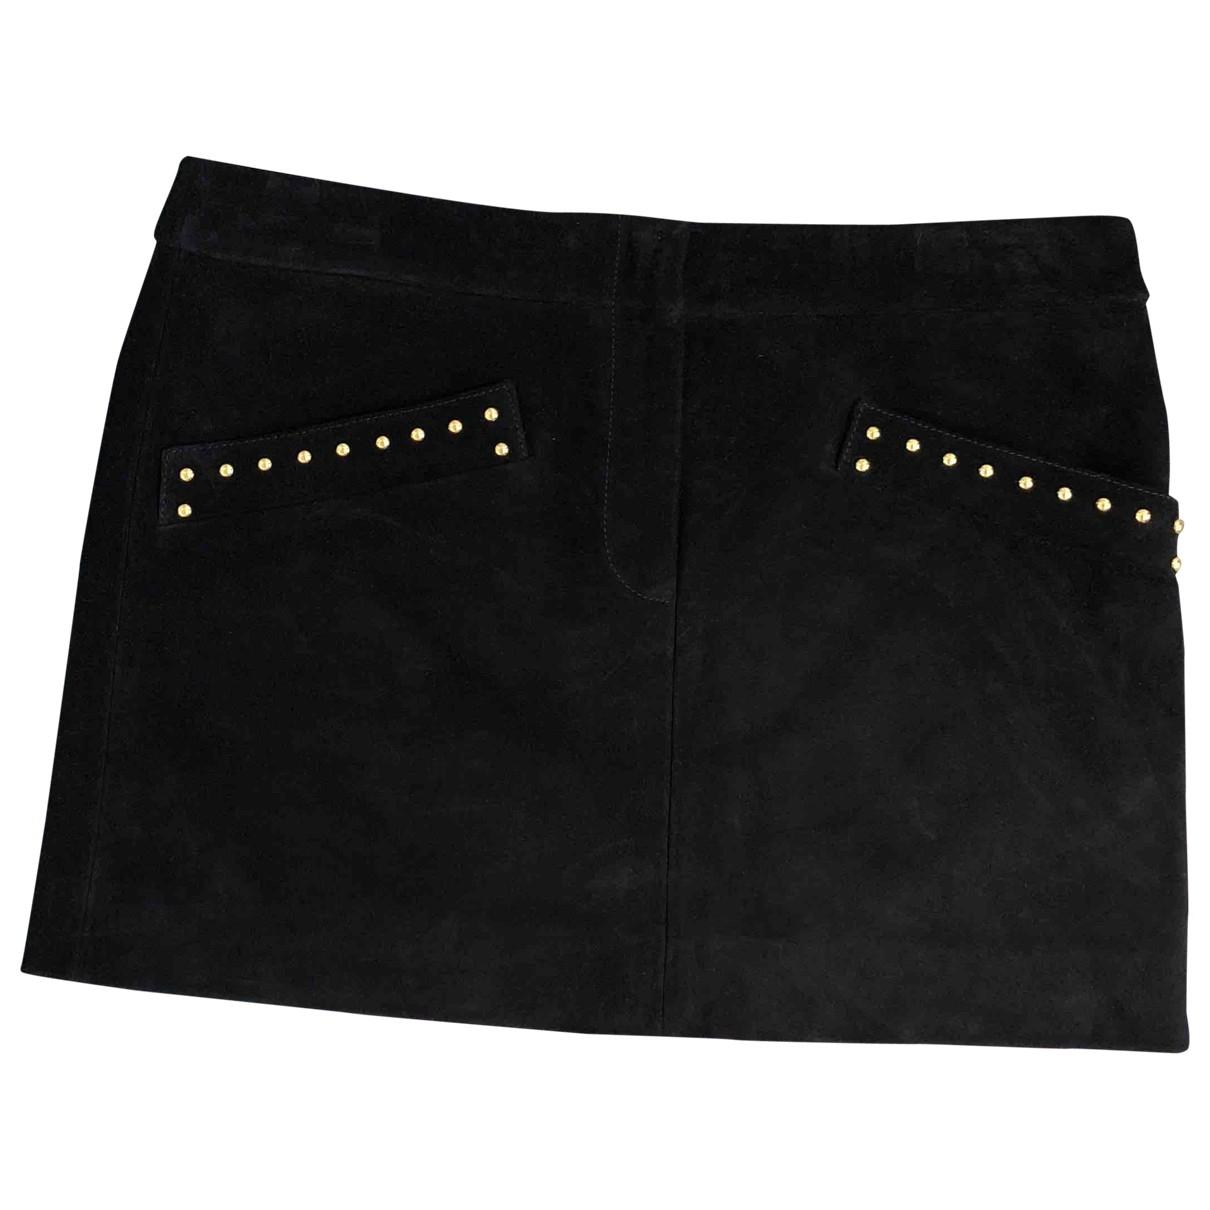 Yves Saint Laurent \N Black Suede skirt for Women 38 FR